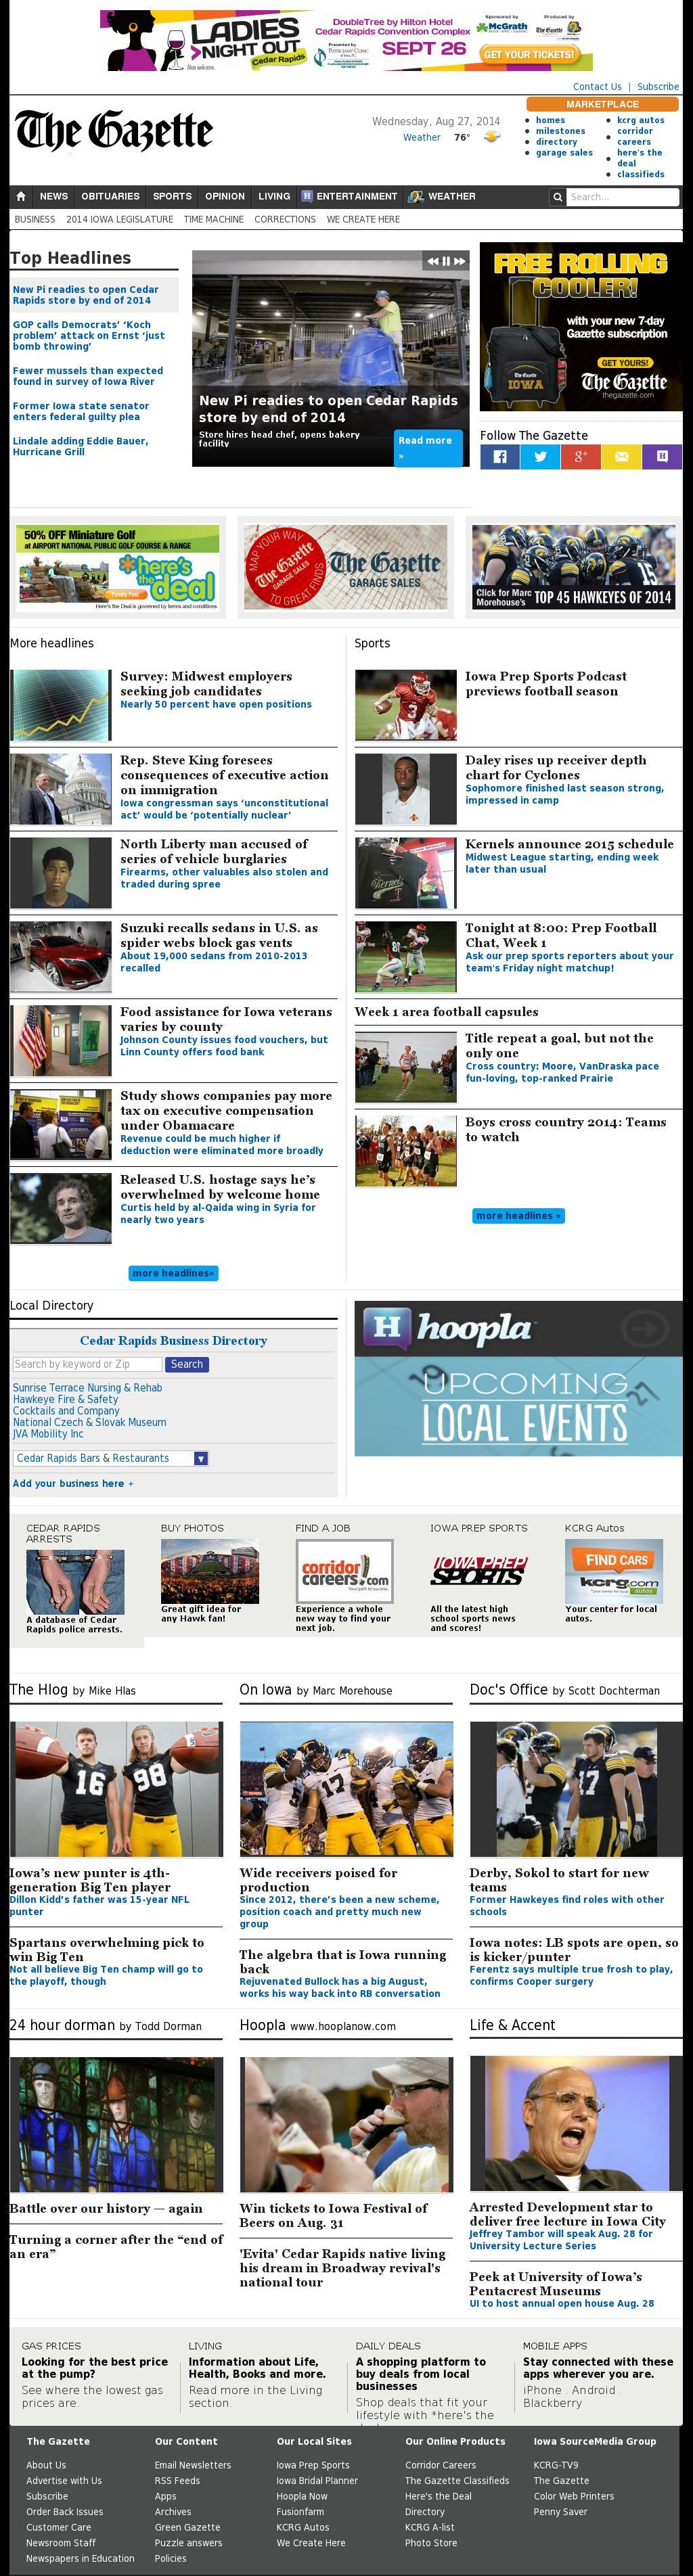 The (Cedar Rapids) Gazette at Wednesday Aug. 27, 2014, 10:06 p.m. UTC